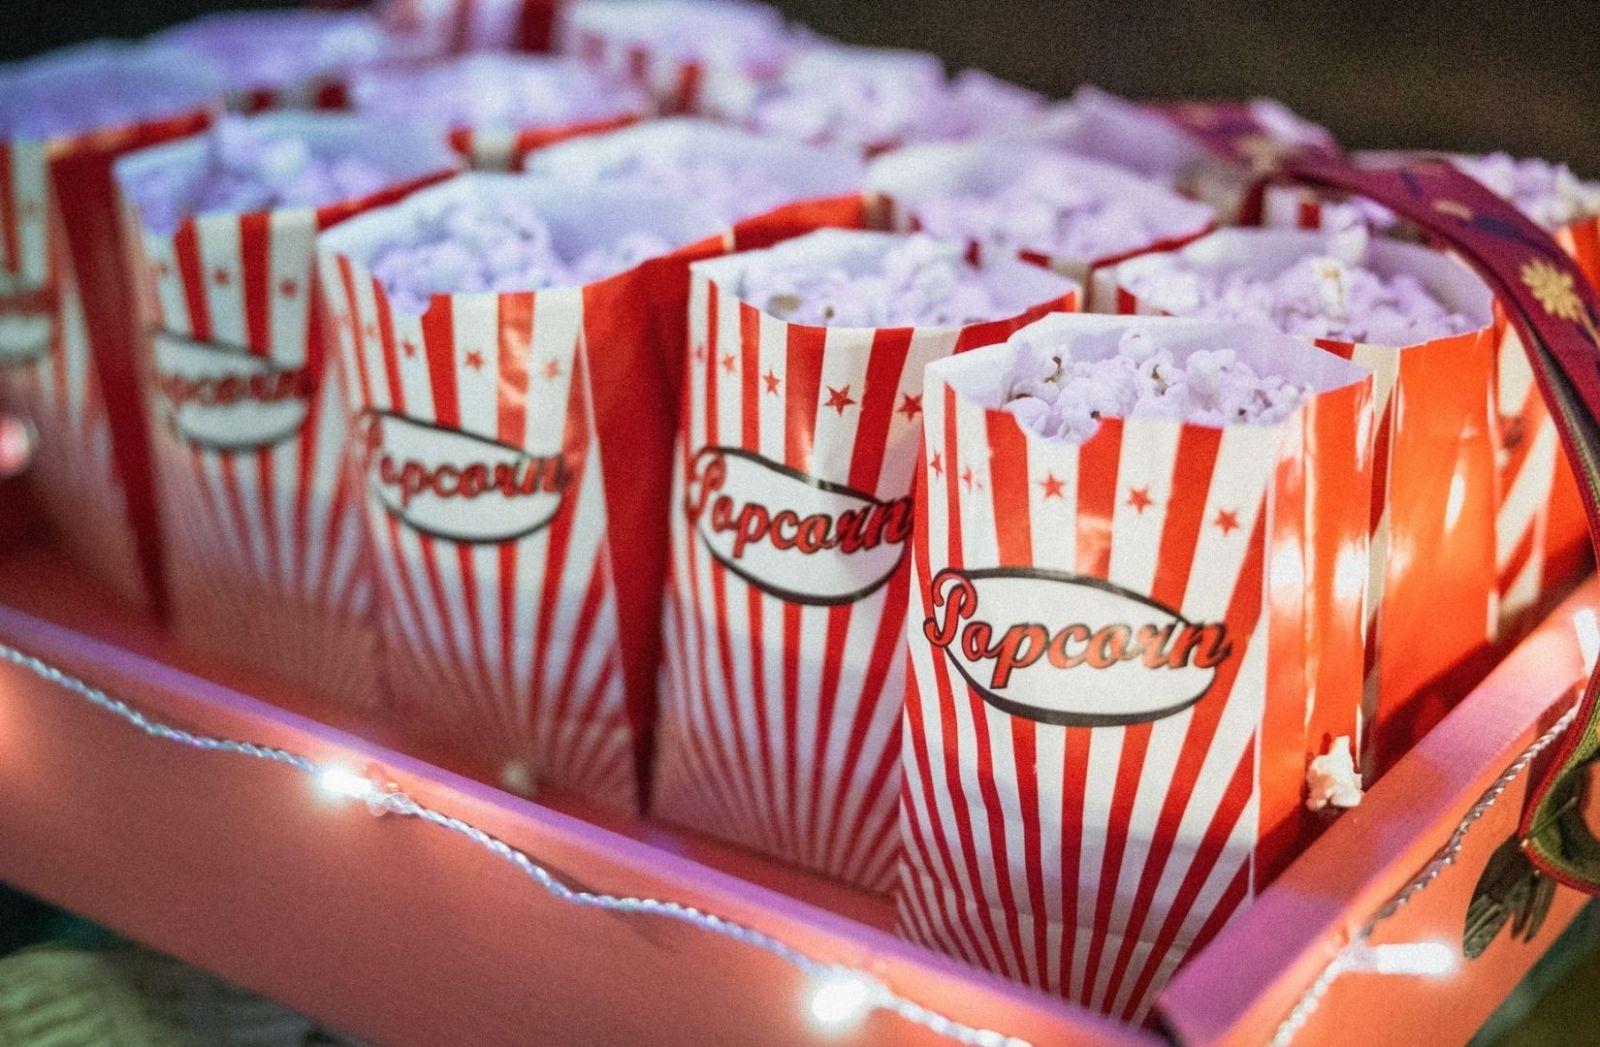 Zur guten Unterhaltung durch Krieg im Kino gehört Coke und Popcorn. (Foto: Corina Rainer, Unsplash.com)